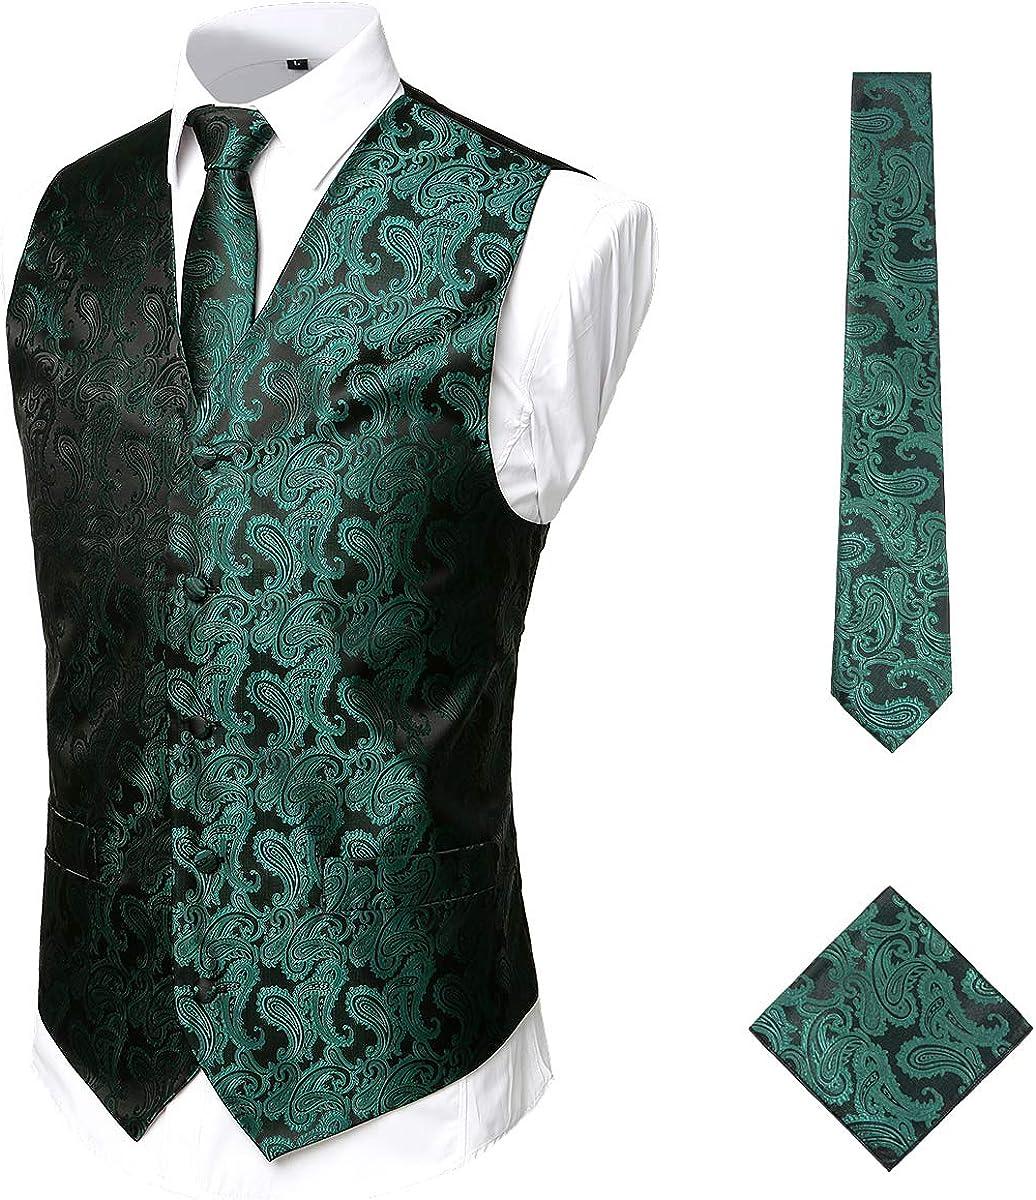 ZEROYAA Mens 3pc Paisley Jacquard Vest Set Necktie Pocket Square Set for Suit or Tuxedo